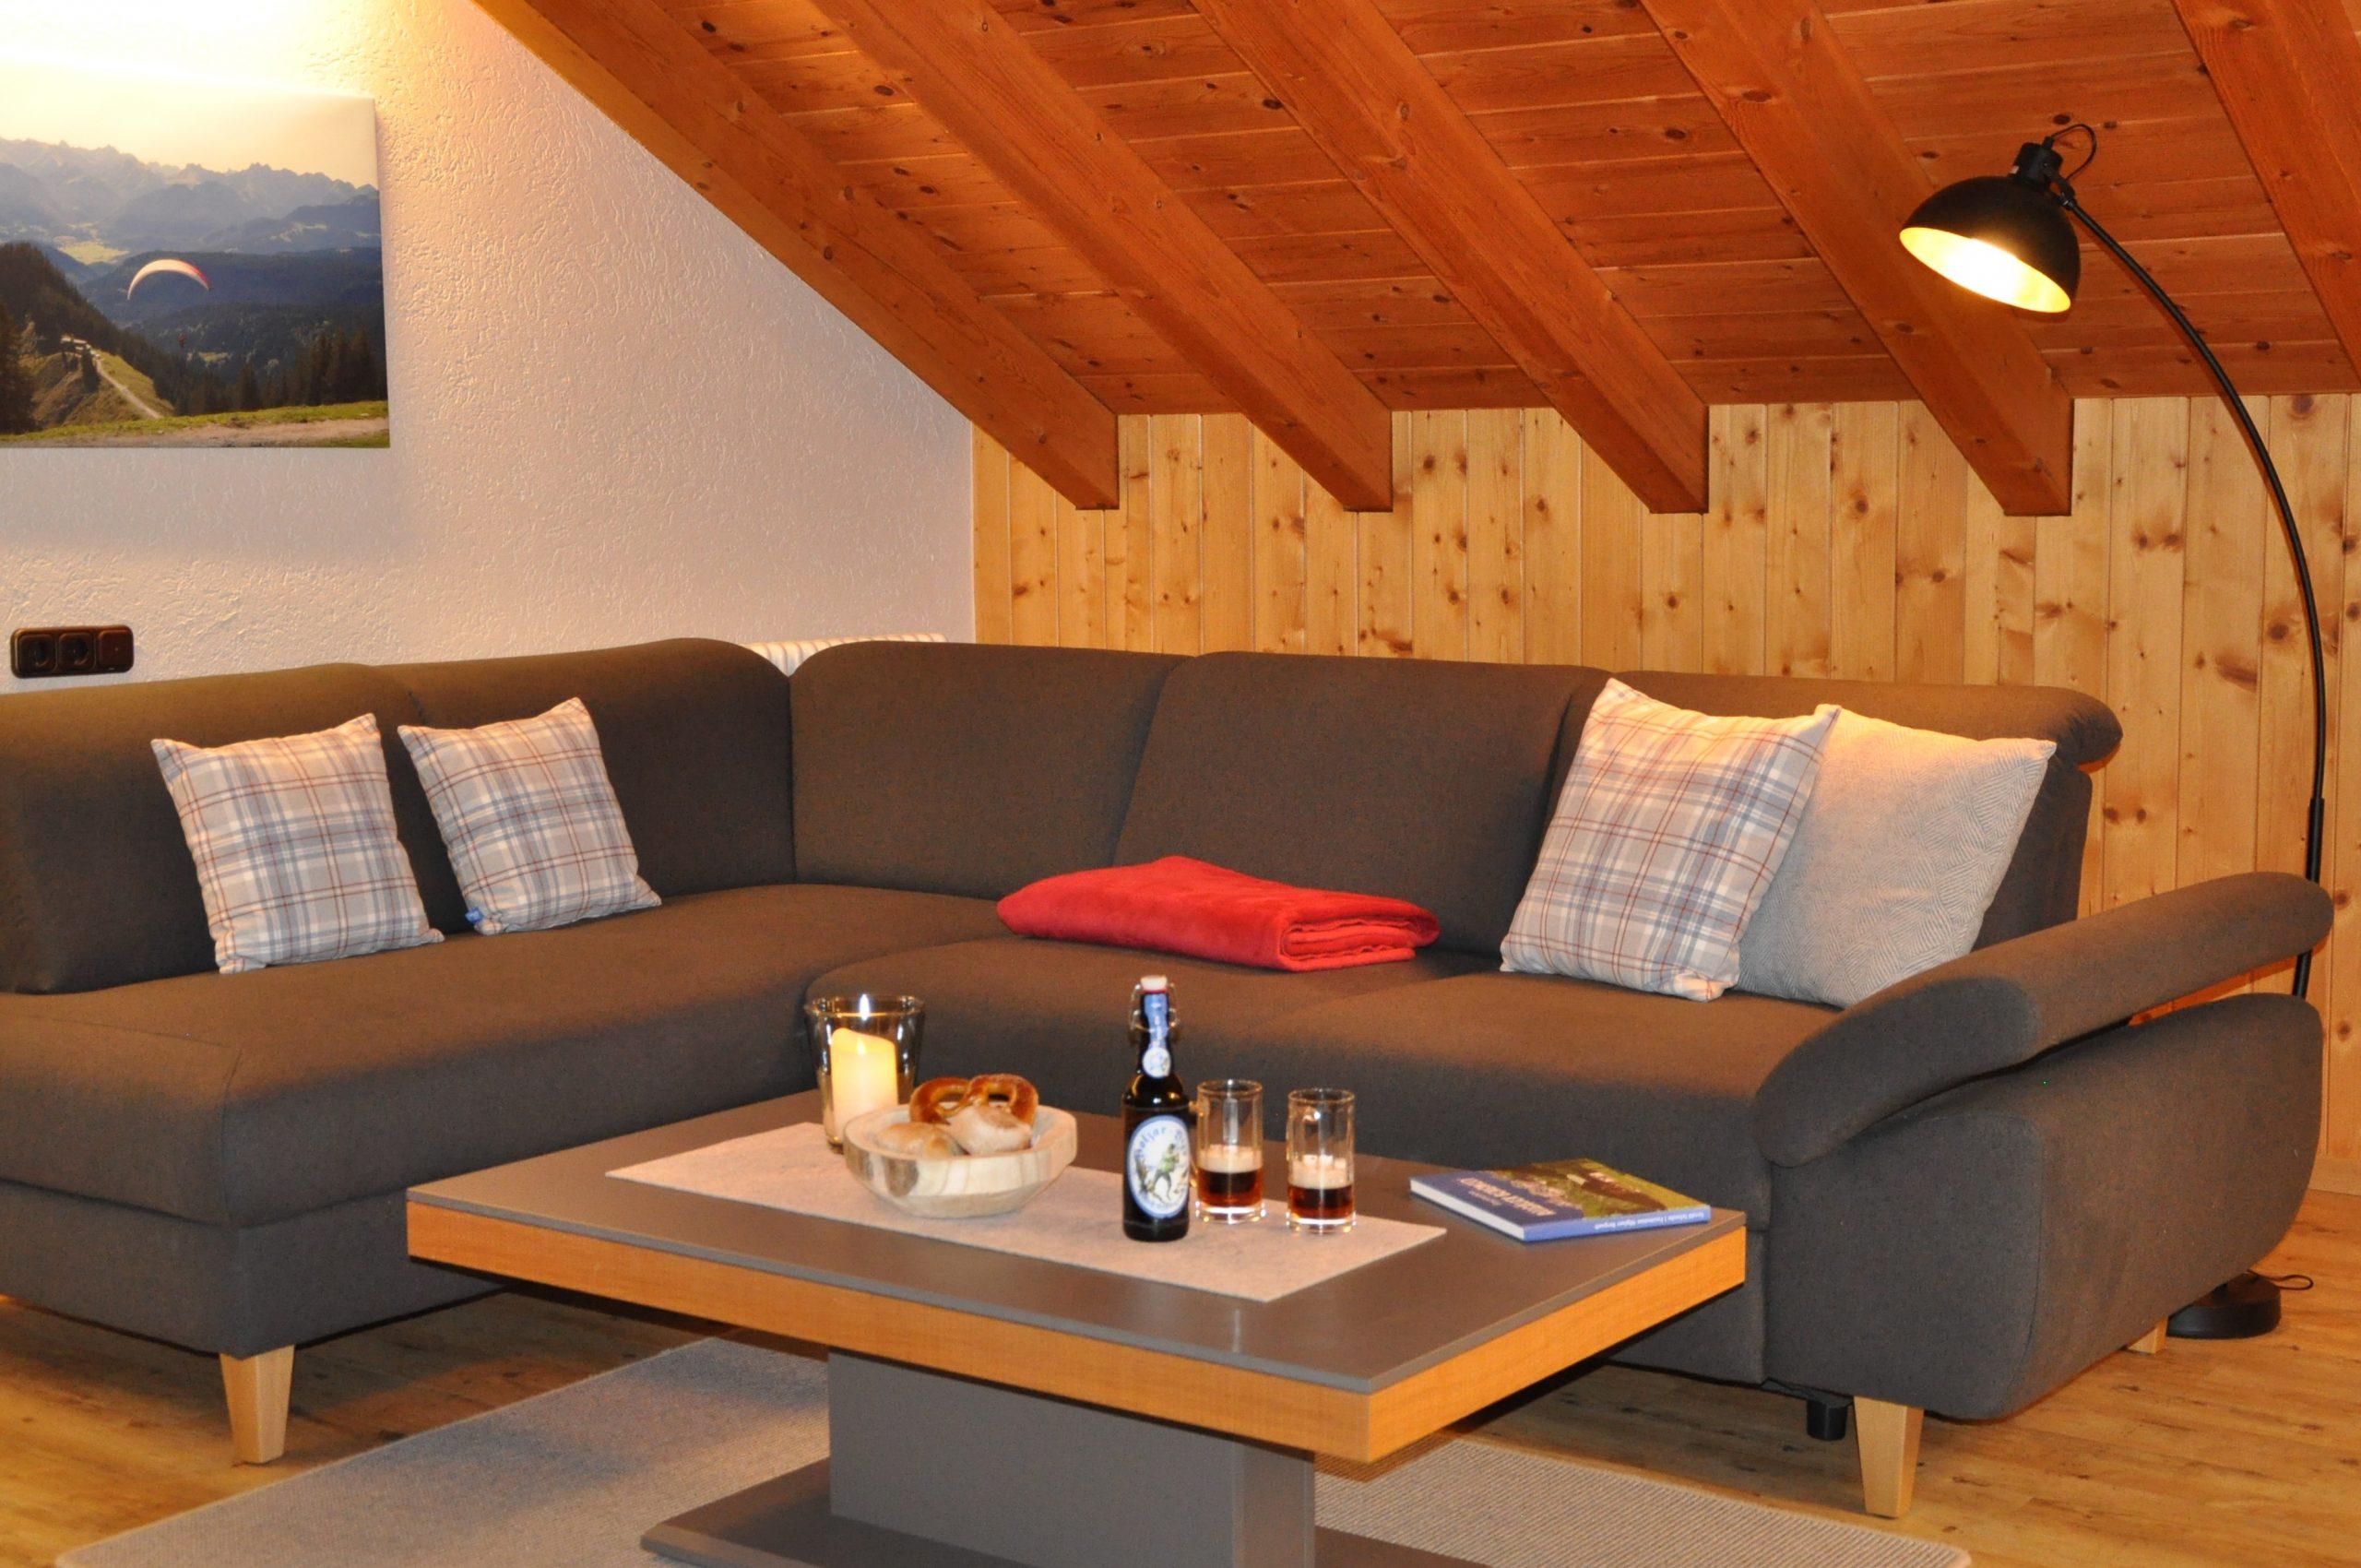 Ferienhaus Sauter Oberdorf Obermaiselstein - Wohlfühl Wohnzimmer in der Ferienwohnung Wannenkopf